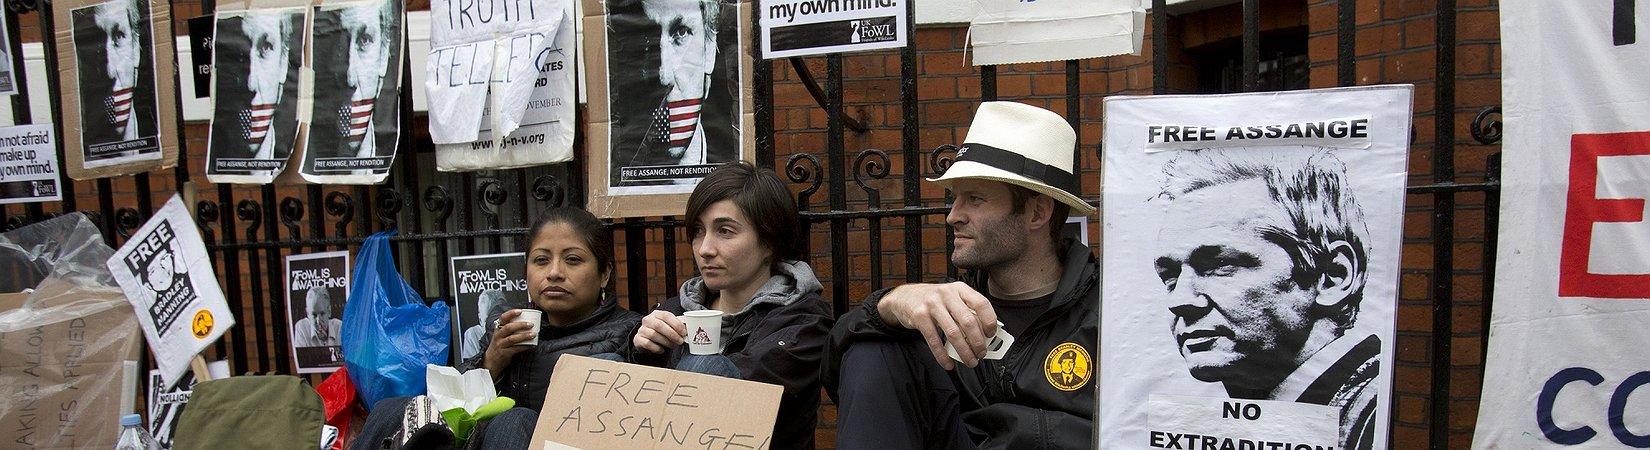 Der Fall Assange